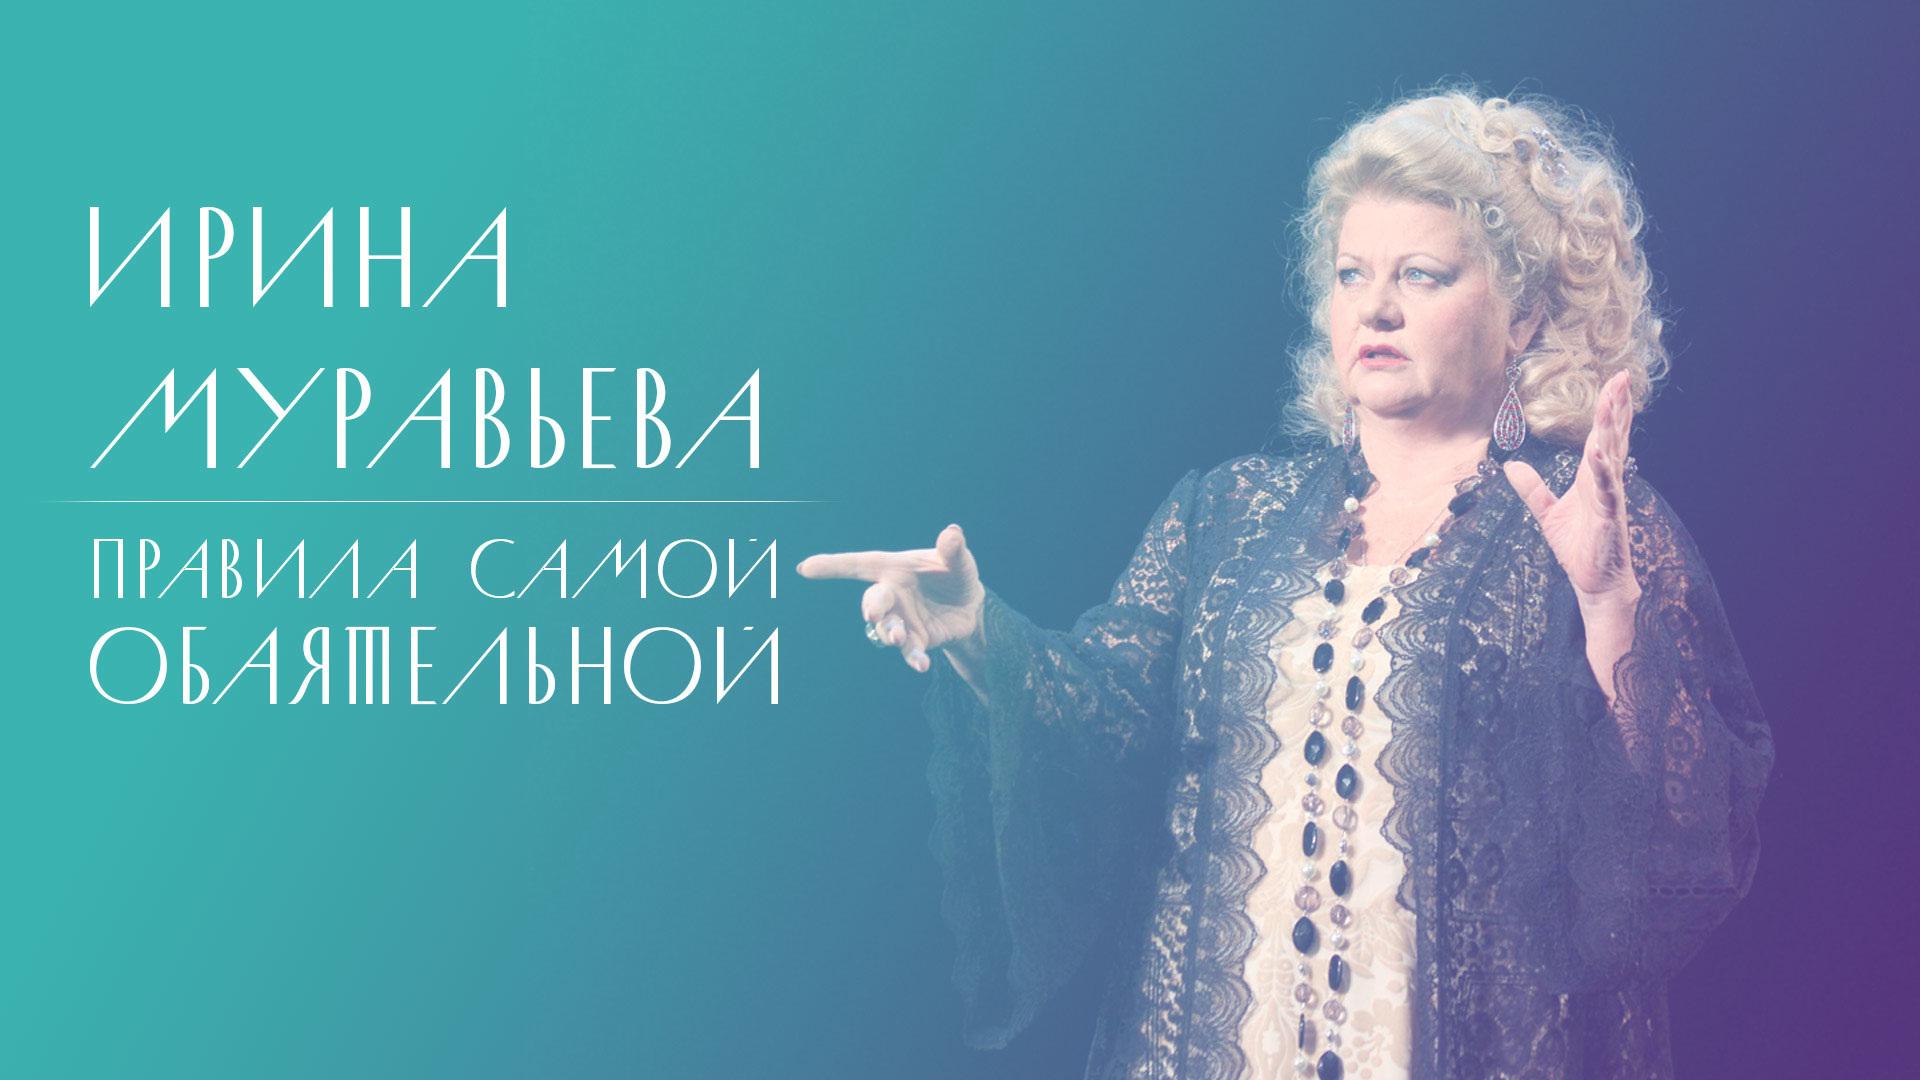 Правила самой обаятельной. Ирина Муравьева